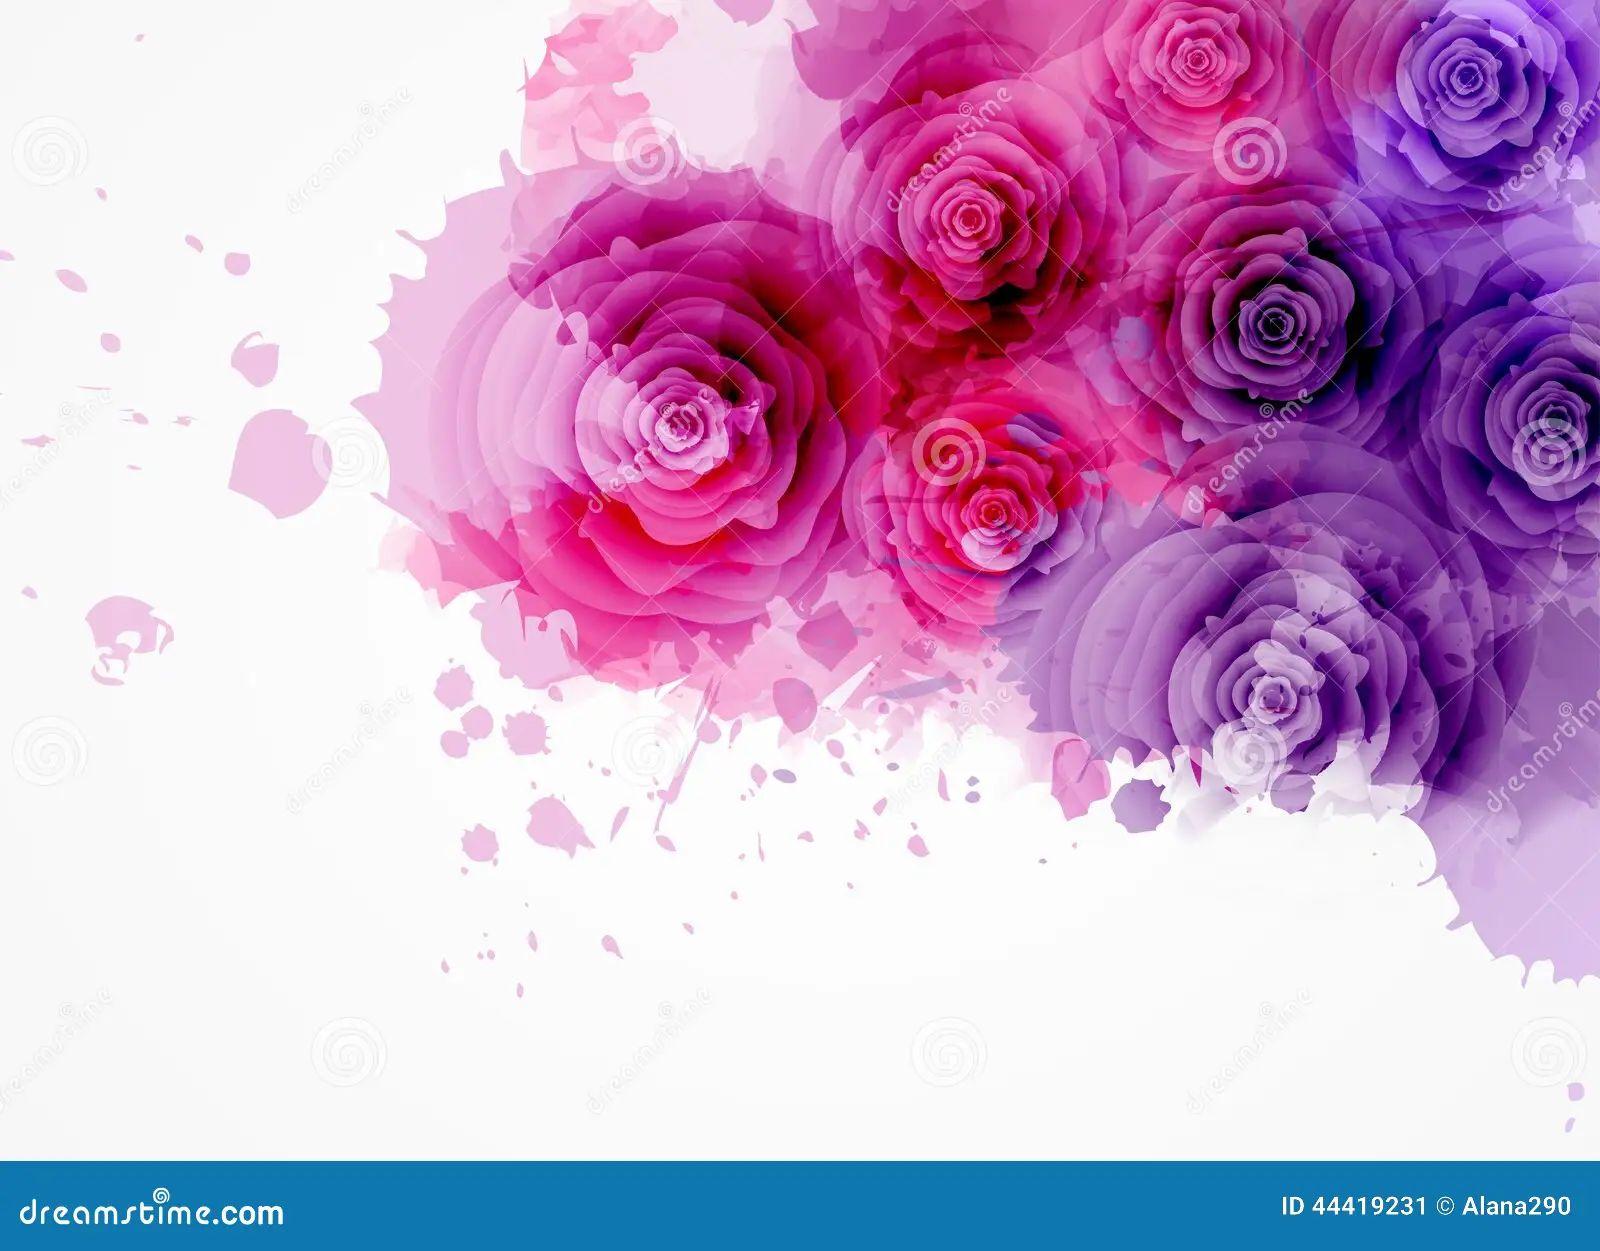 floral business plans